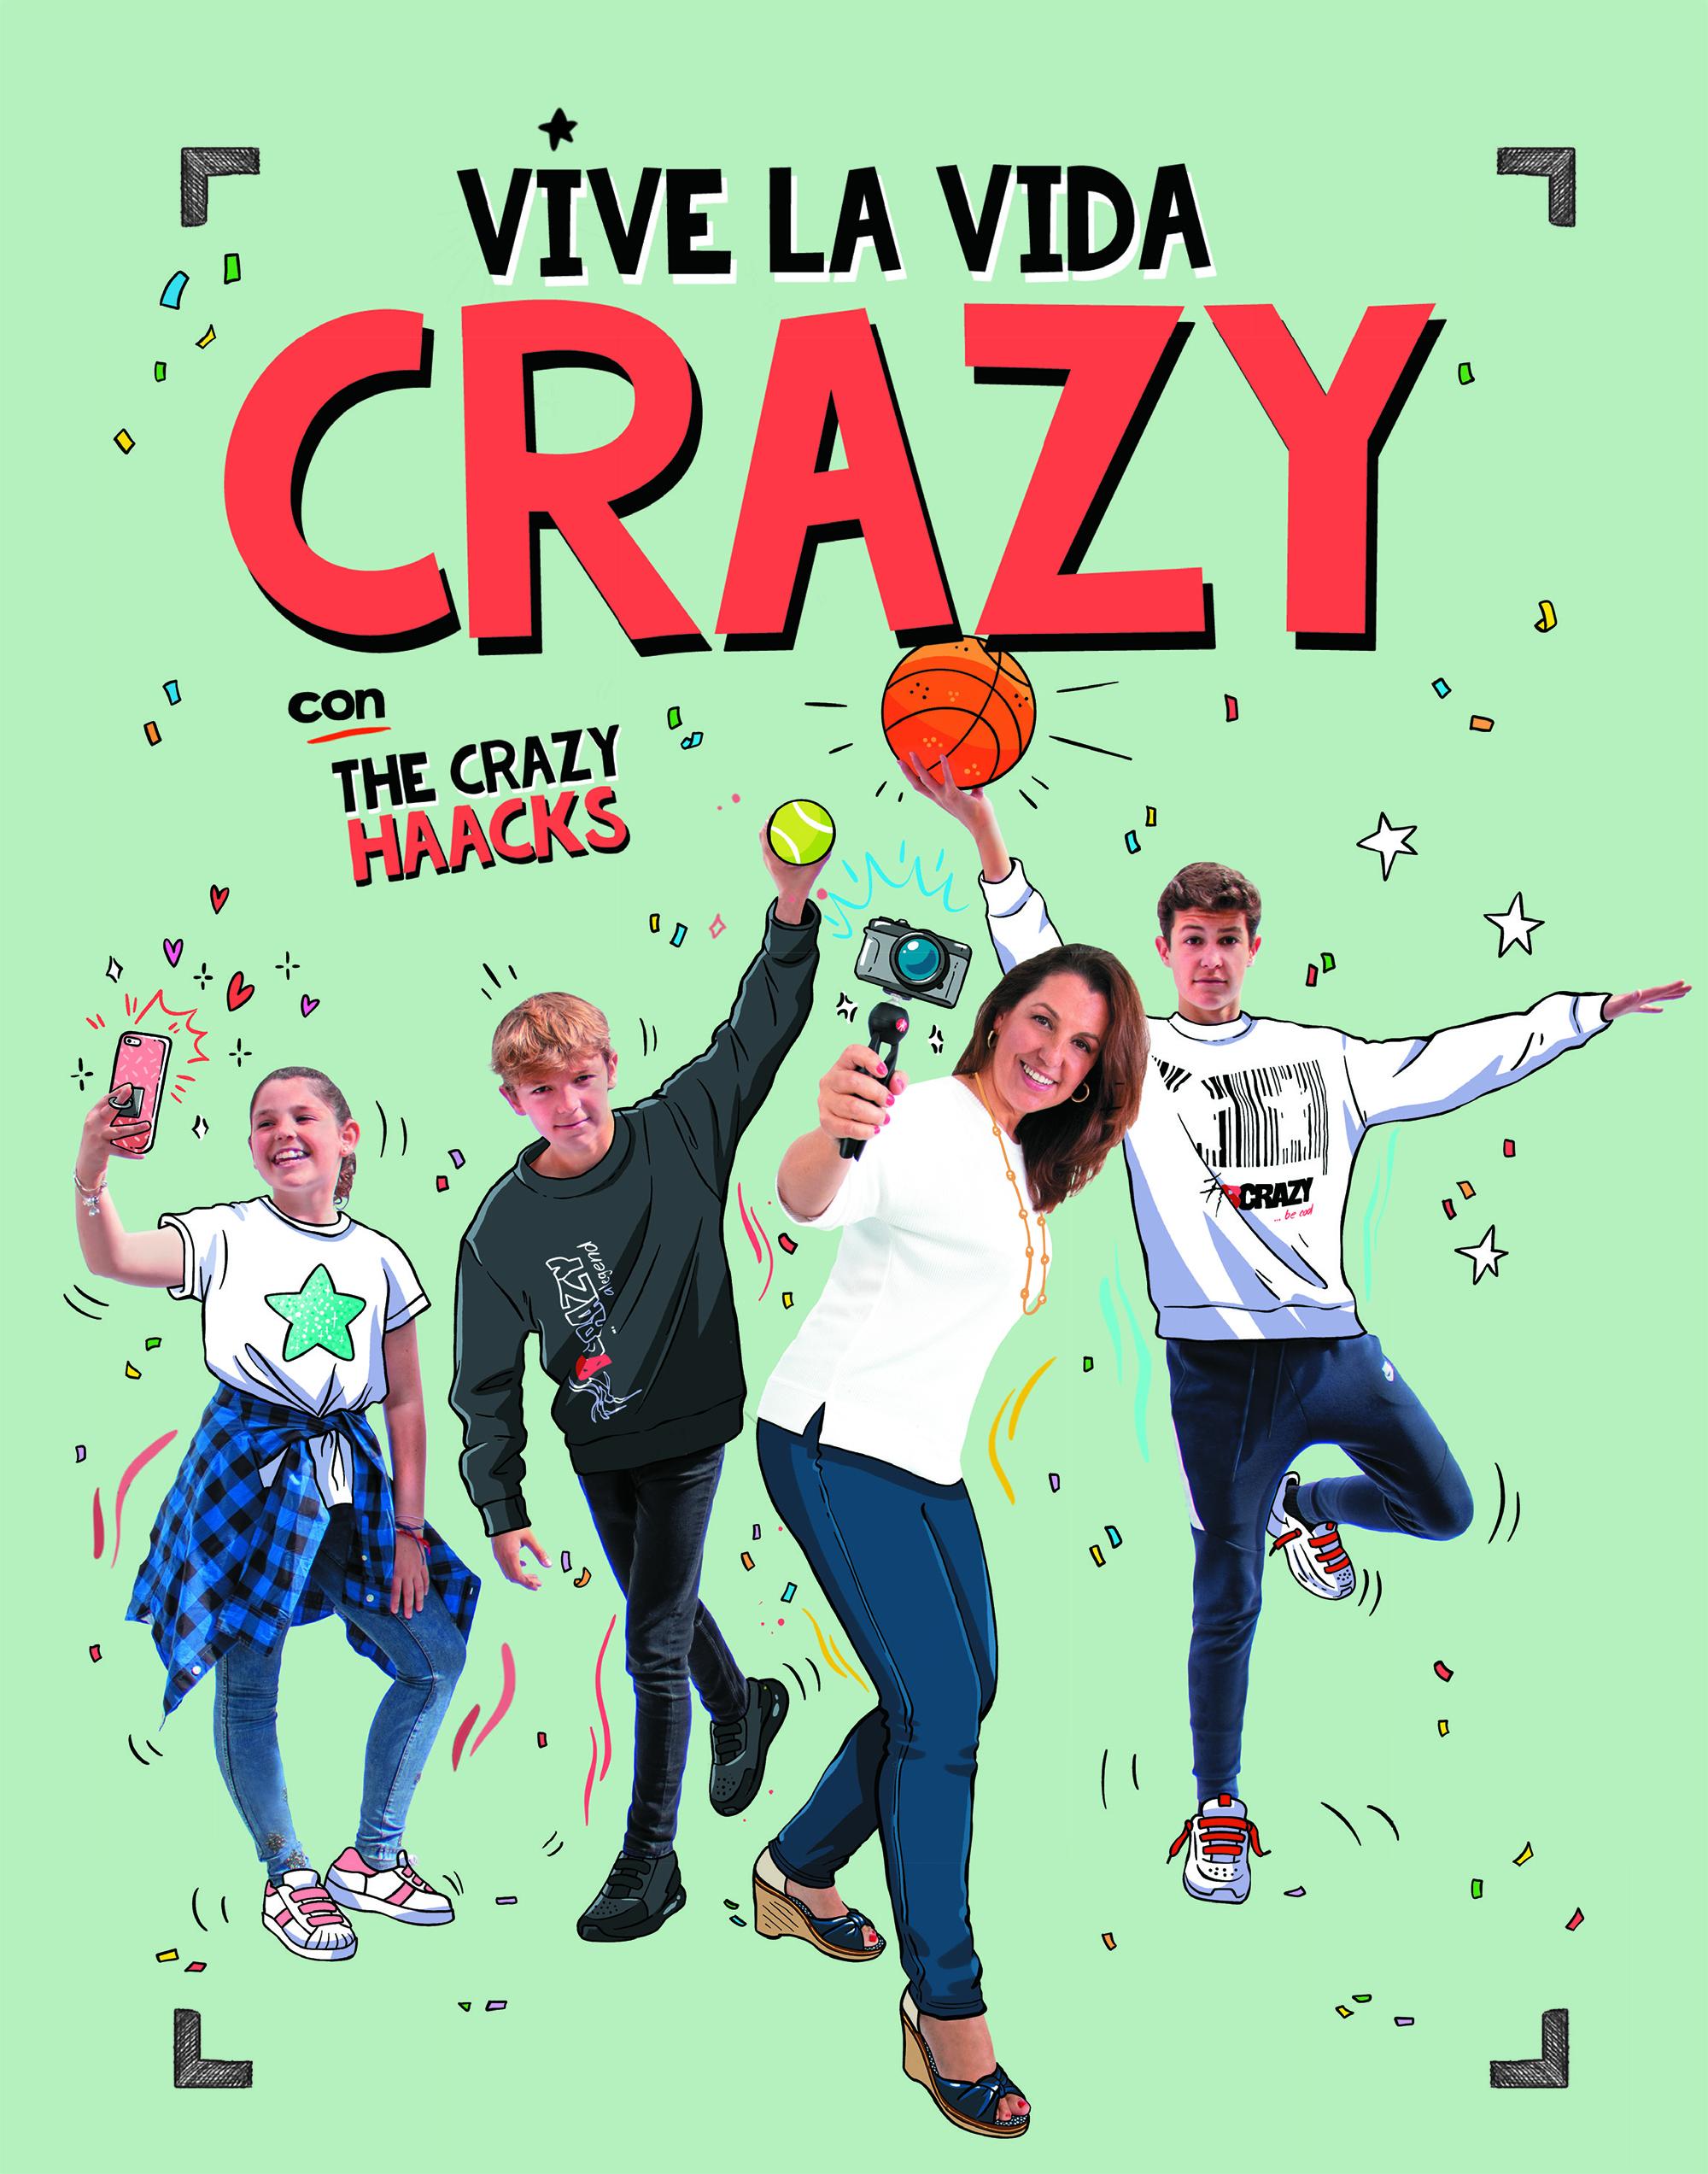 Vive la Vida Crazy - The Crazy Haacks